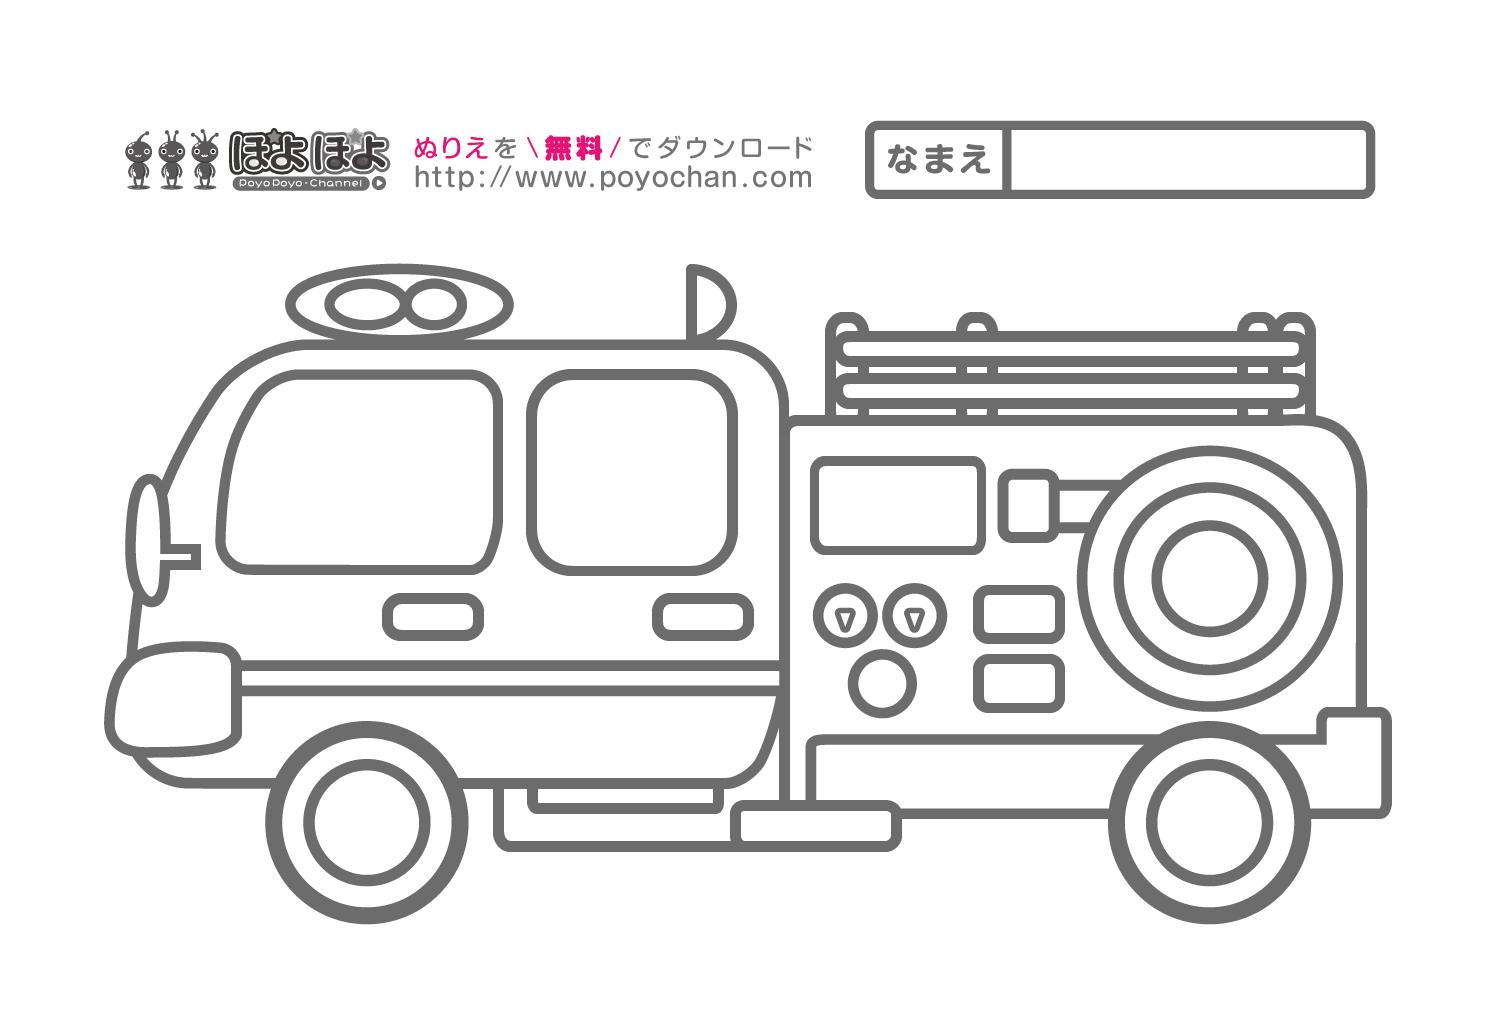 無料ぬりえ消防車 知育アニメと無料ぬりえぽよぽよチャンネル